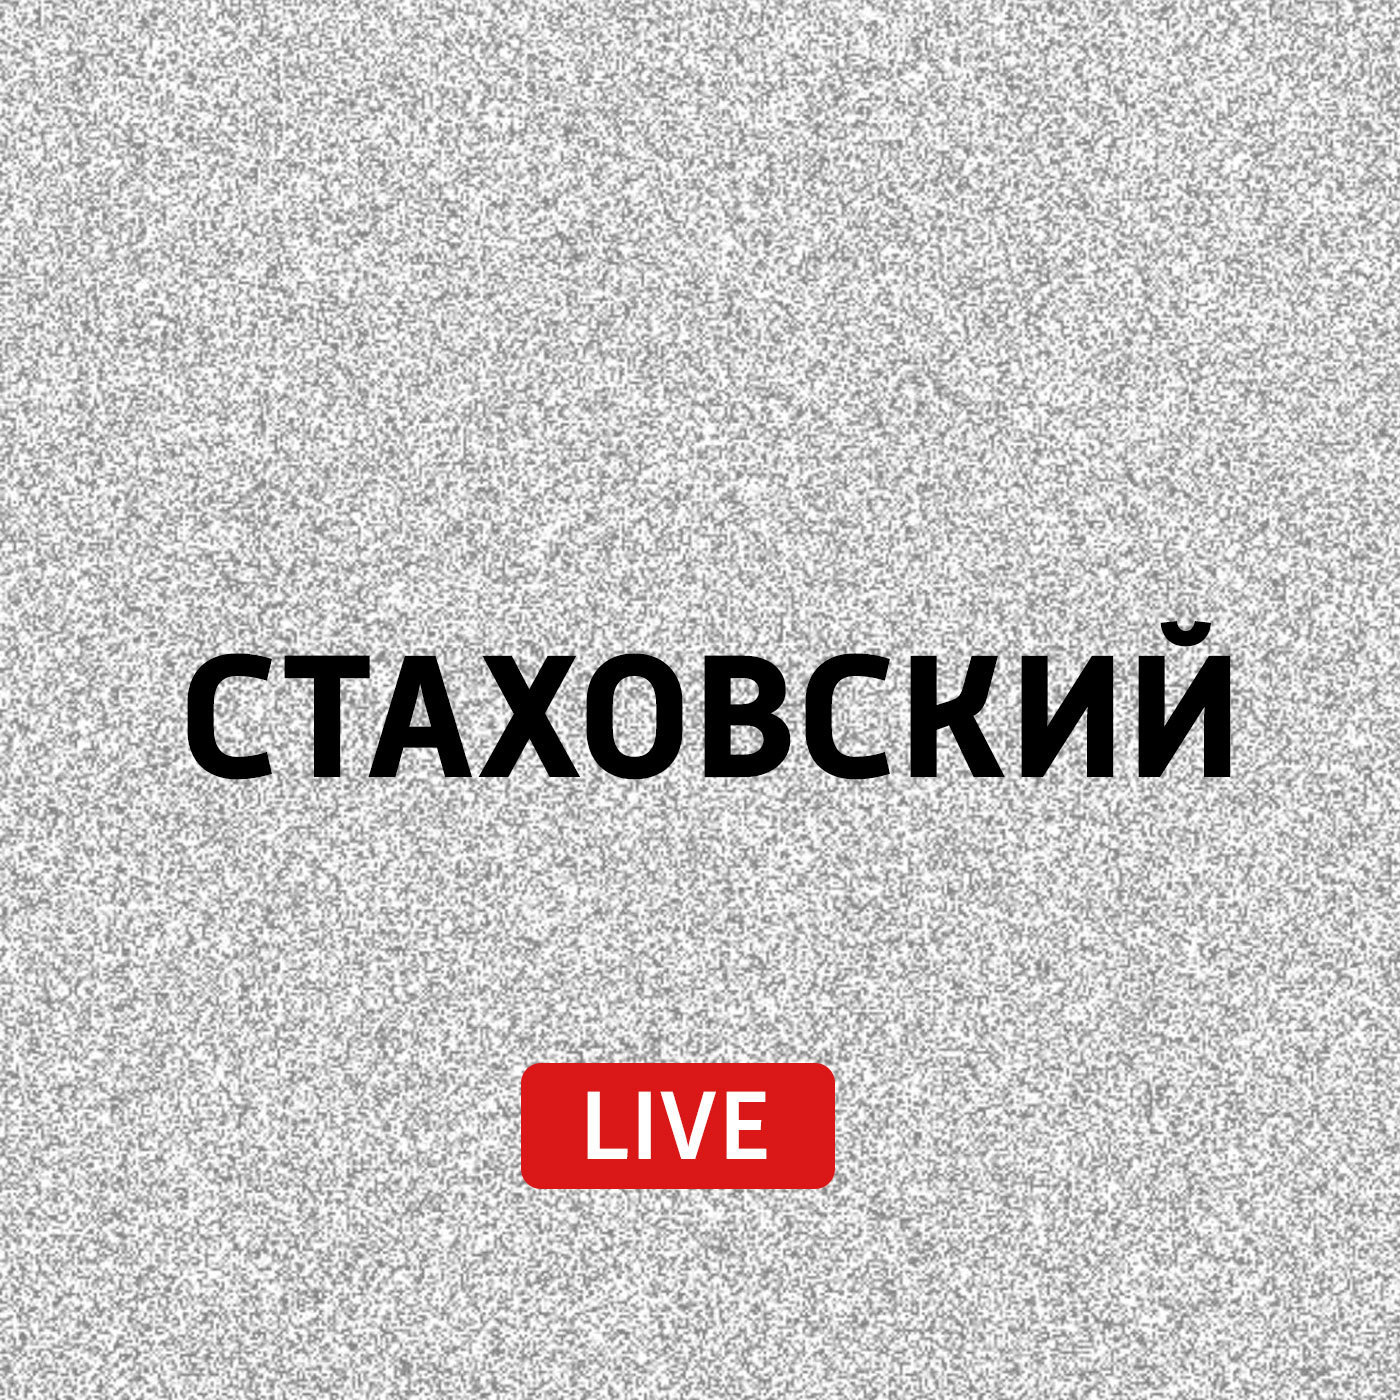 Евгений Стаховский Рейтинг значимых событий 2017 года по версии Стаховского